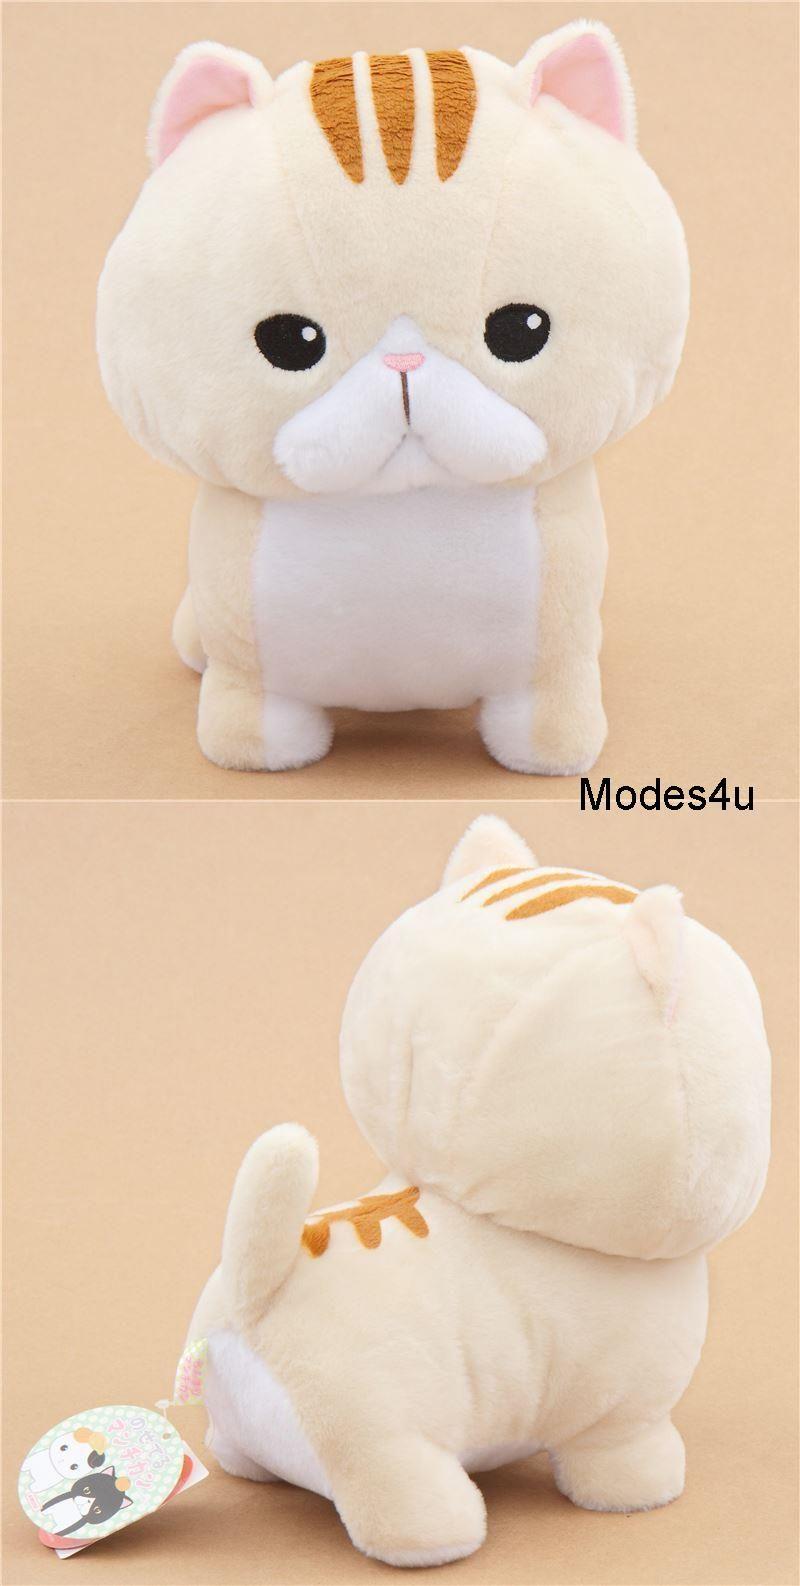 Big Cream Cat With Brown Stripes Noseteru Munchkin Plush Toy Japan Cat Plush Munchkin Kitten Cat Plush Toy